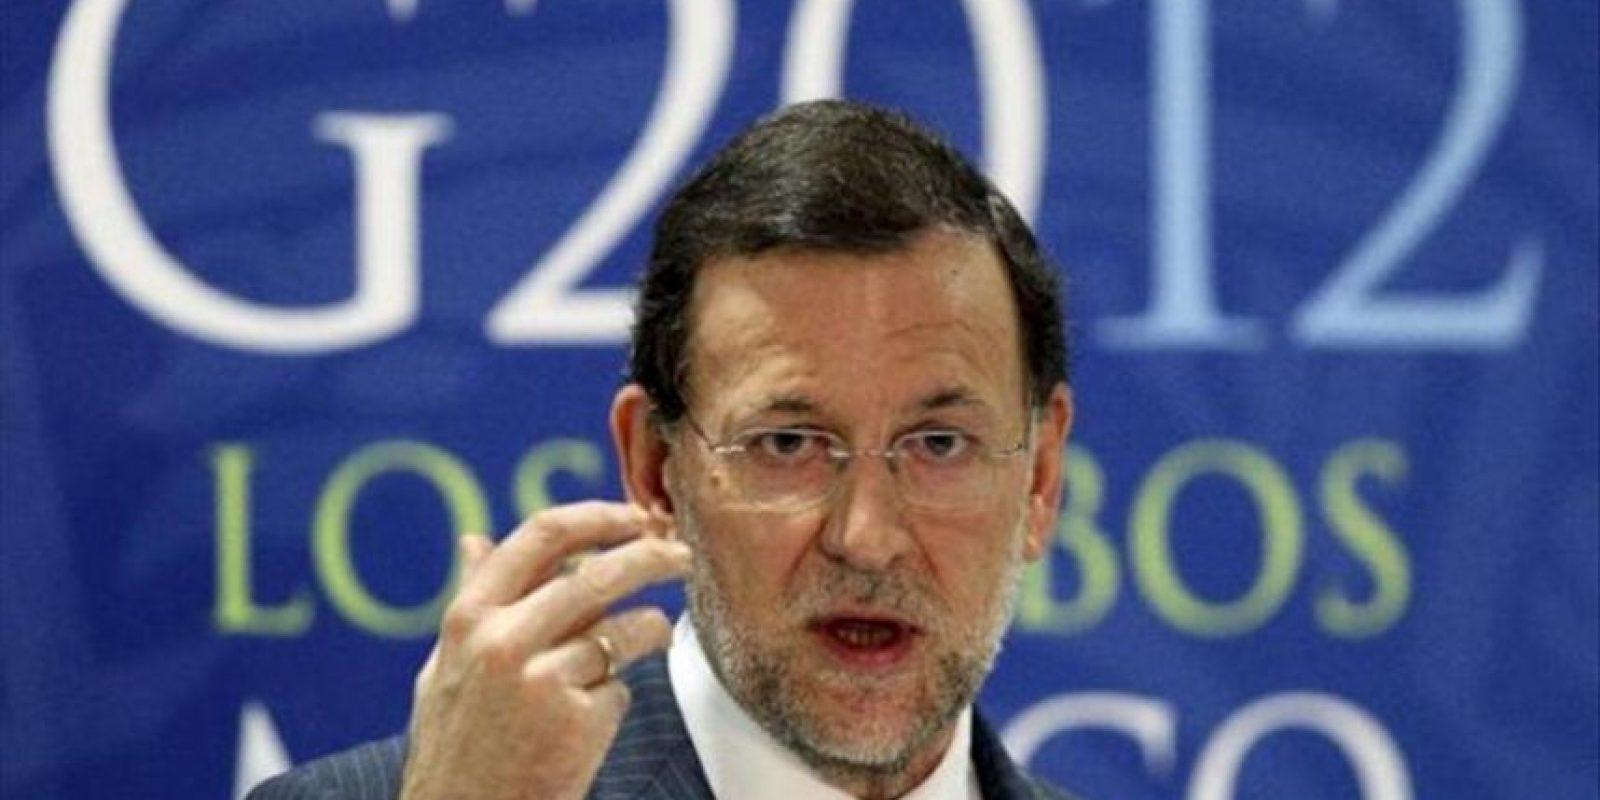 El Presidente del gobierno de España , Mariano Rajoy habla hoy , 19 de junio de 2012 durante una rueda de prensa final tras su participación en la Reunión cumbre de Mandatarios de los países miembros del Grupo de los Veinte (G20) que concluye hoy en Los Cabos, noroeste de México.EFE